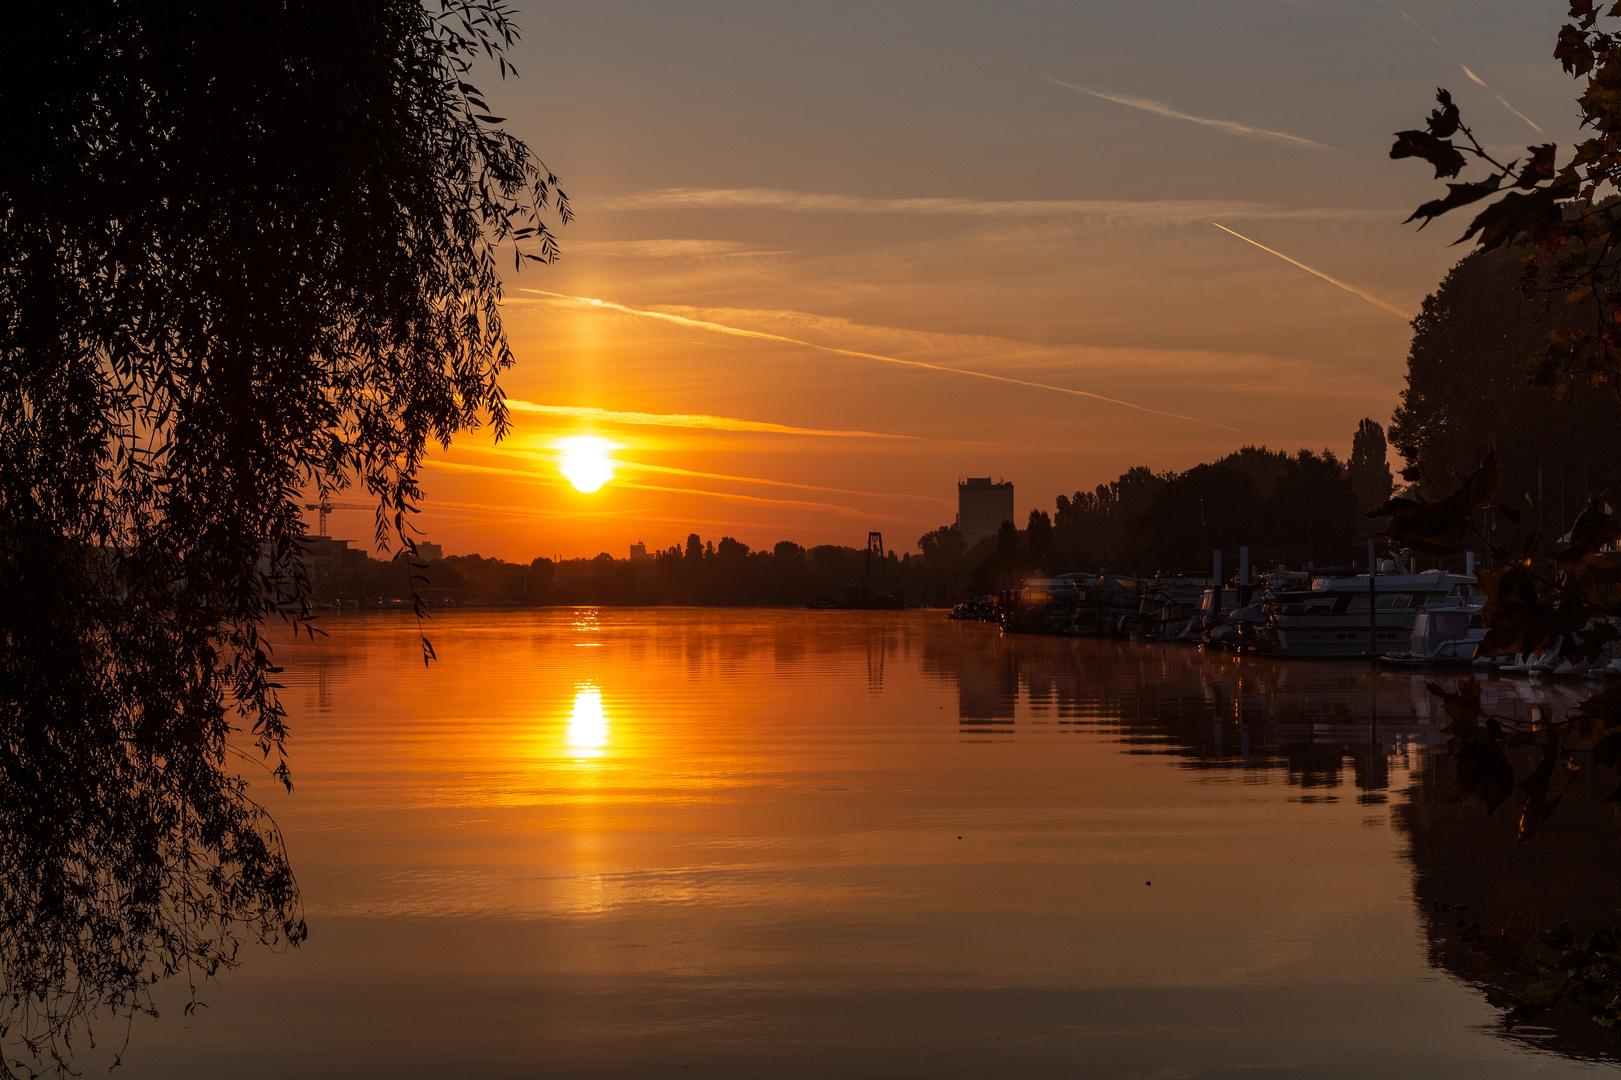 Der erste Herbst-Sonnenaufgang....